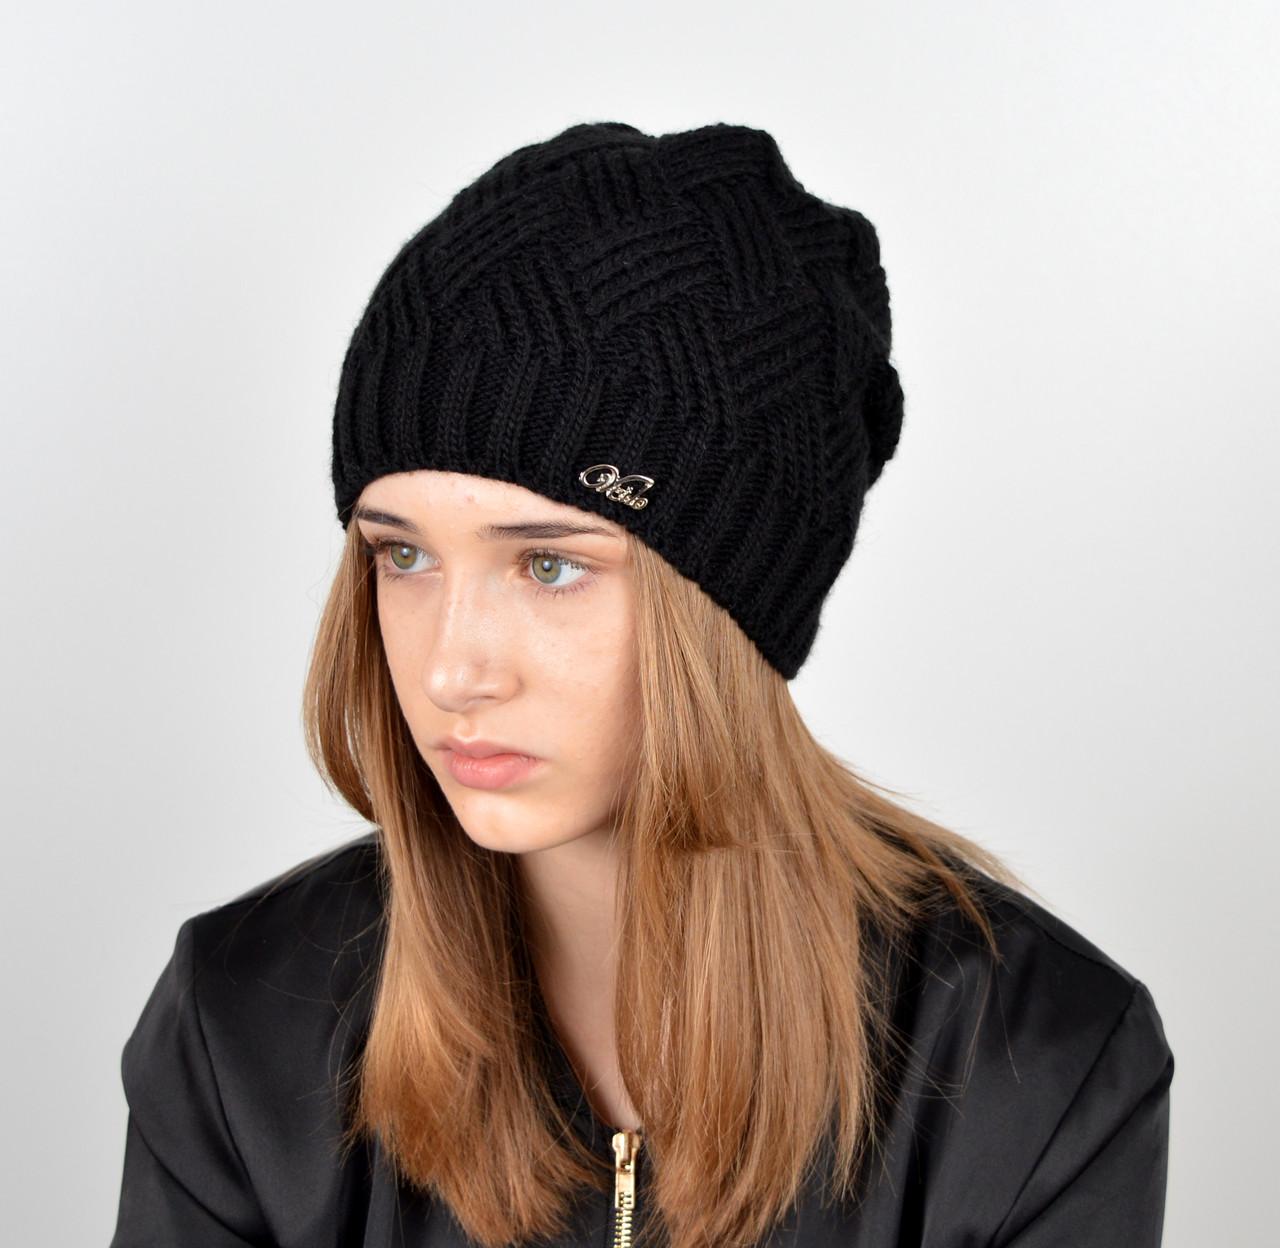 Женская шапка veilo на флисе 5522 черный